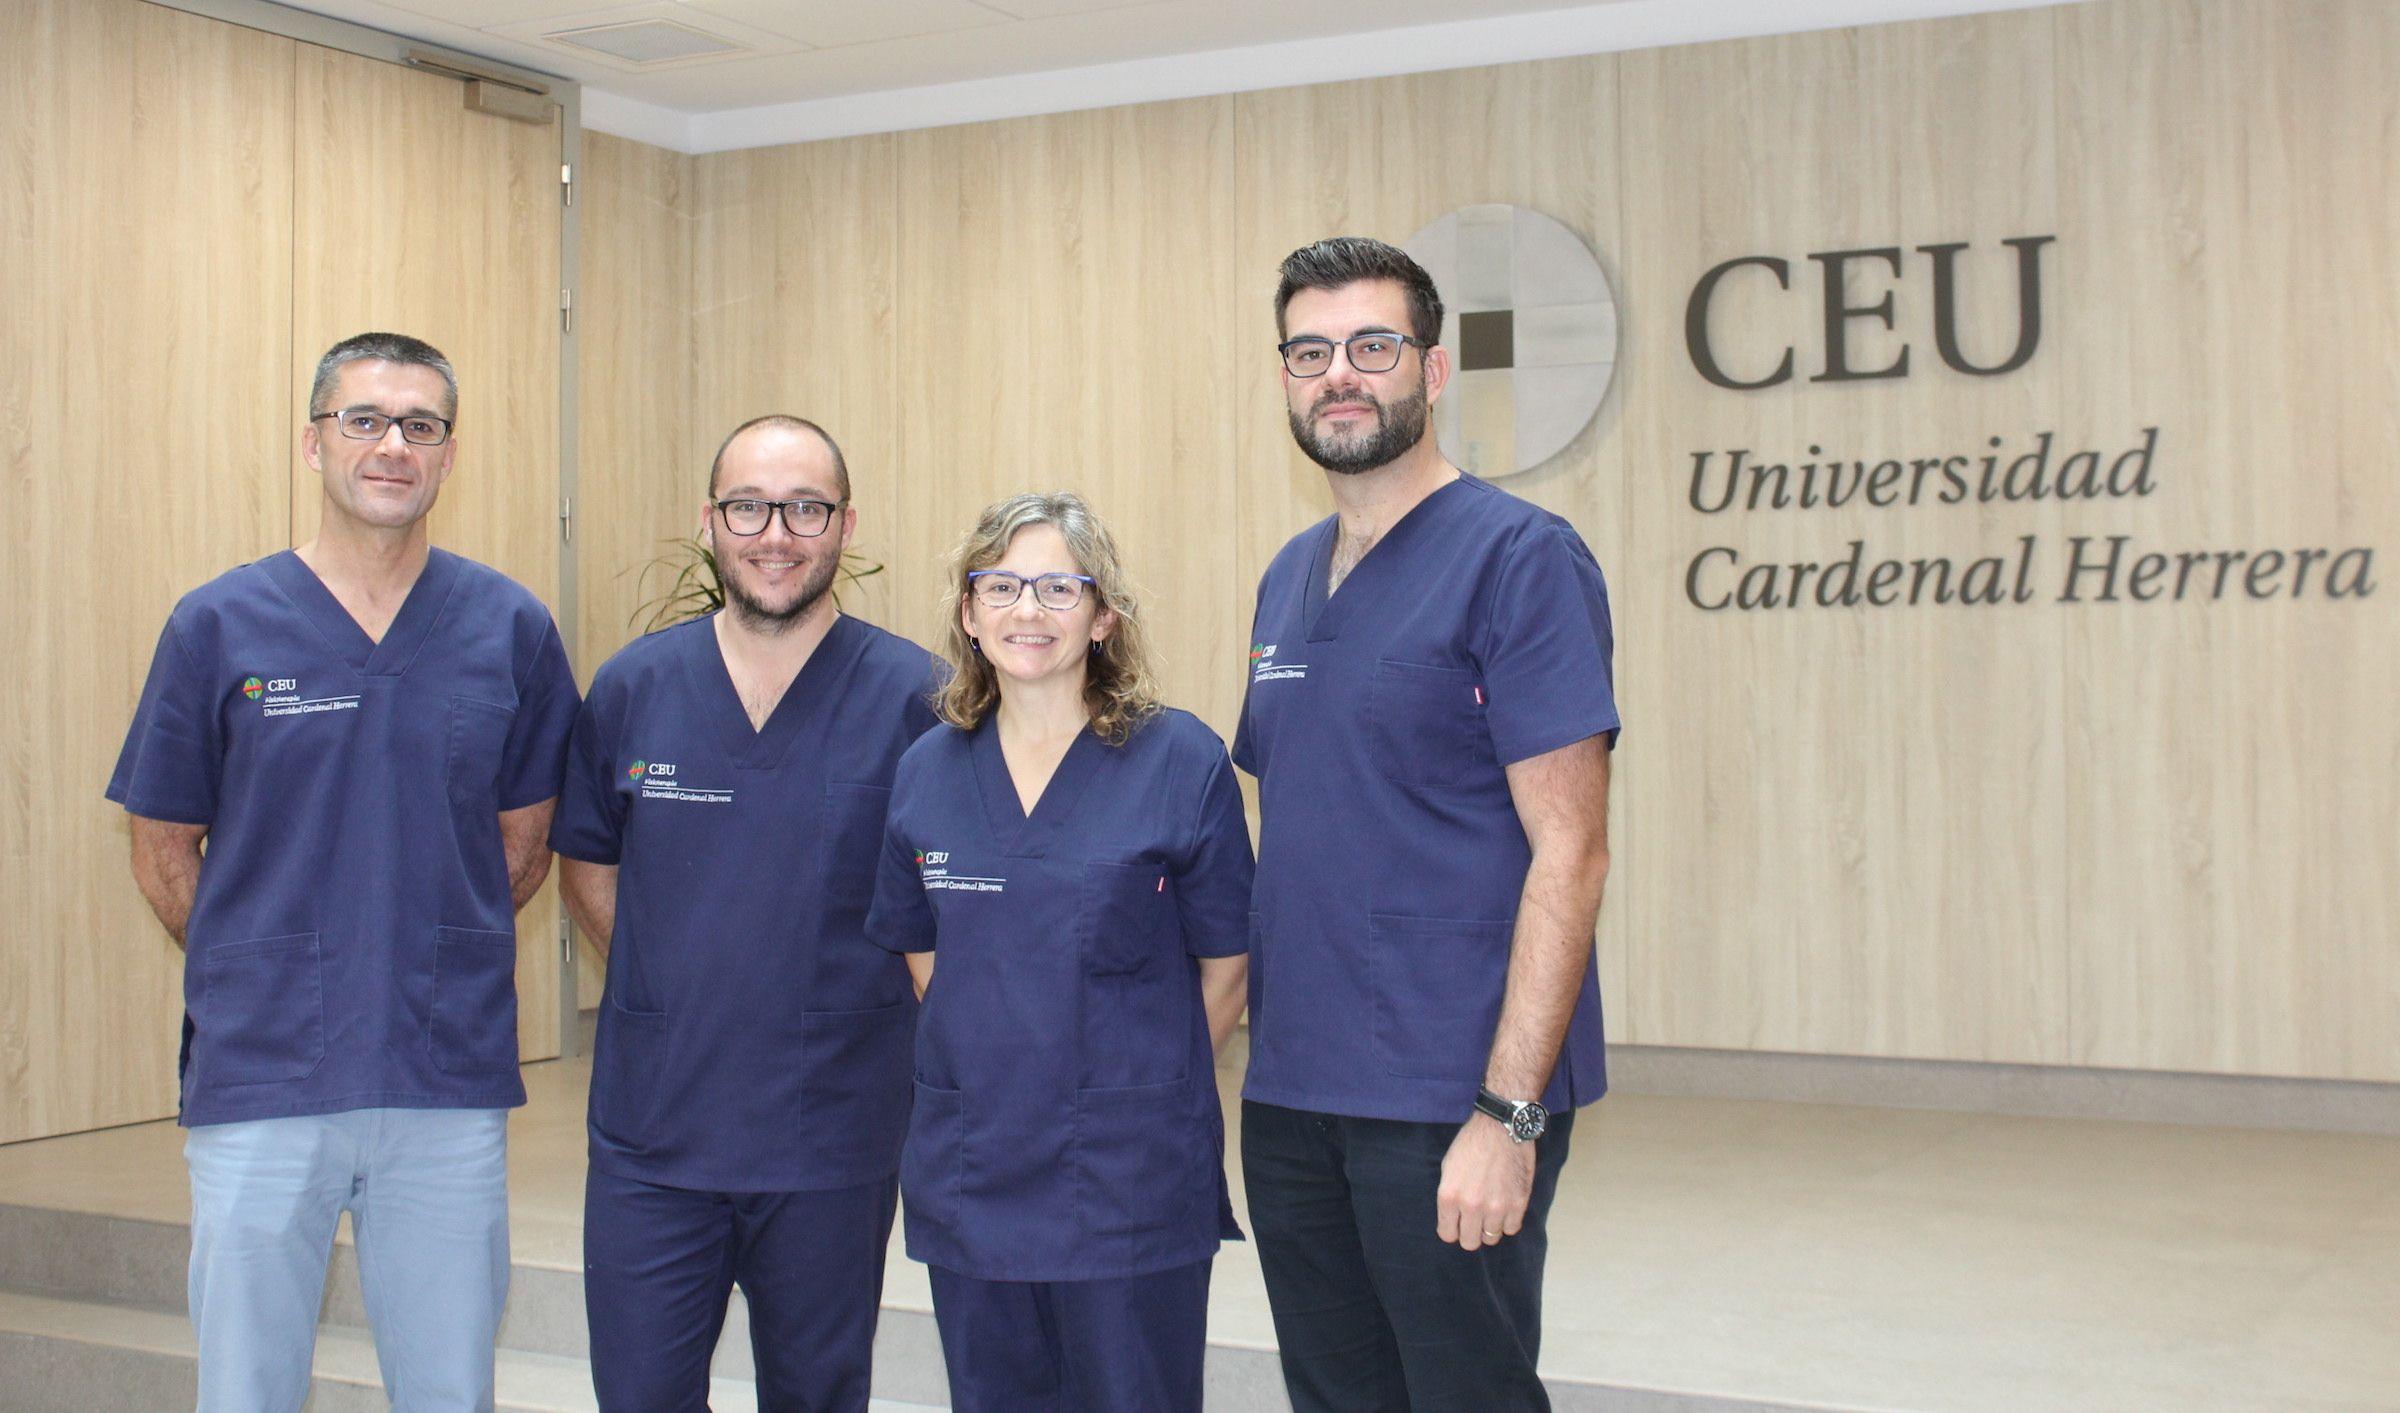 Los profesores de Fisioterapia de la CEU UCH Javier Martínez Gramage, José Martínez Olmos, Eva Segura y Juan José Amer, miembros del equipo investigador.